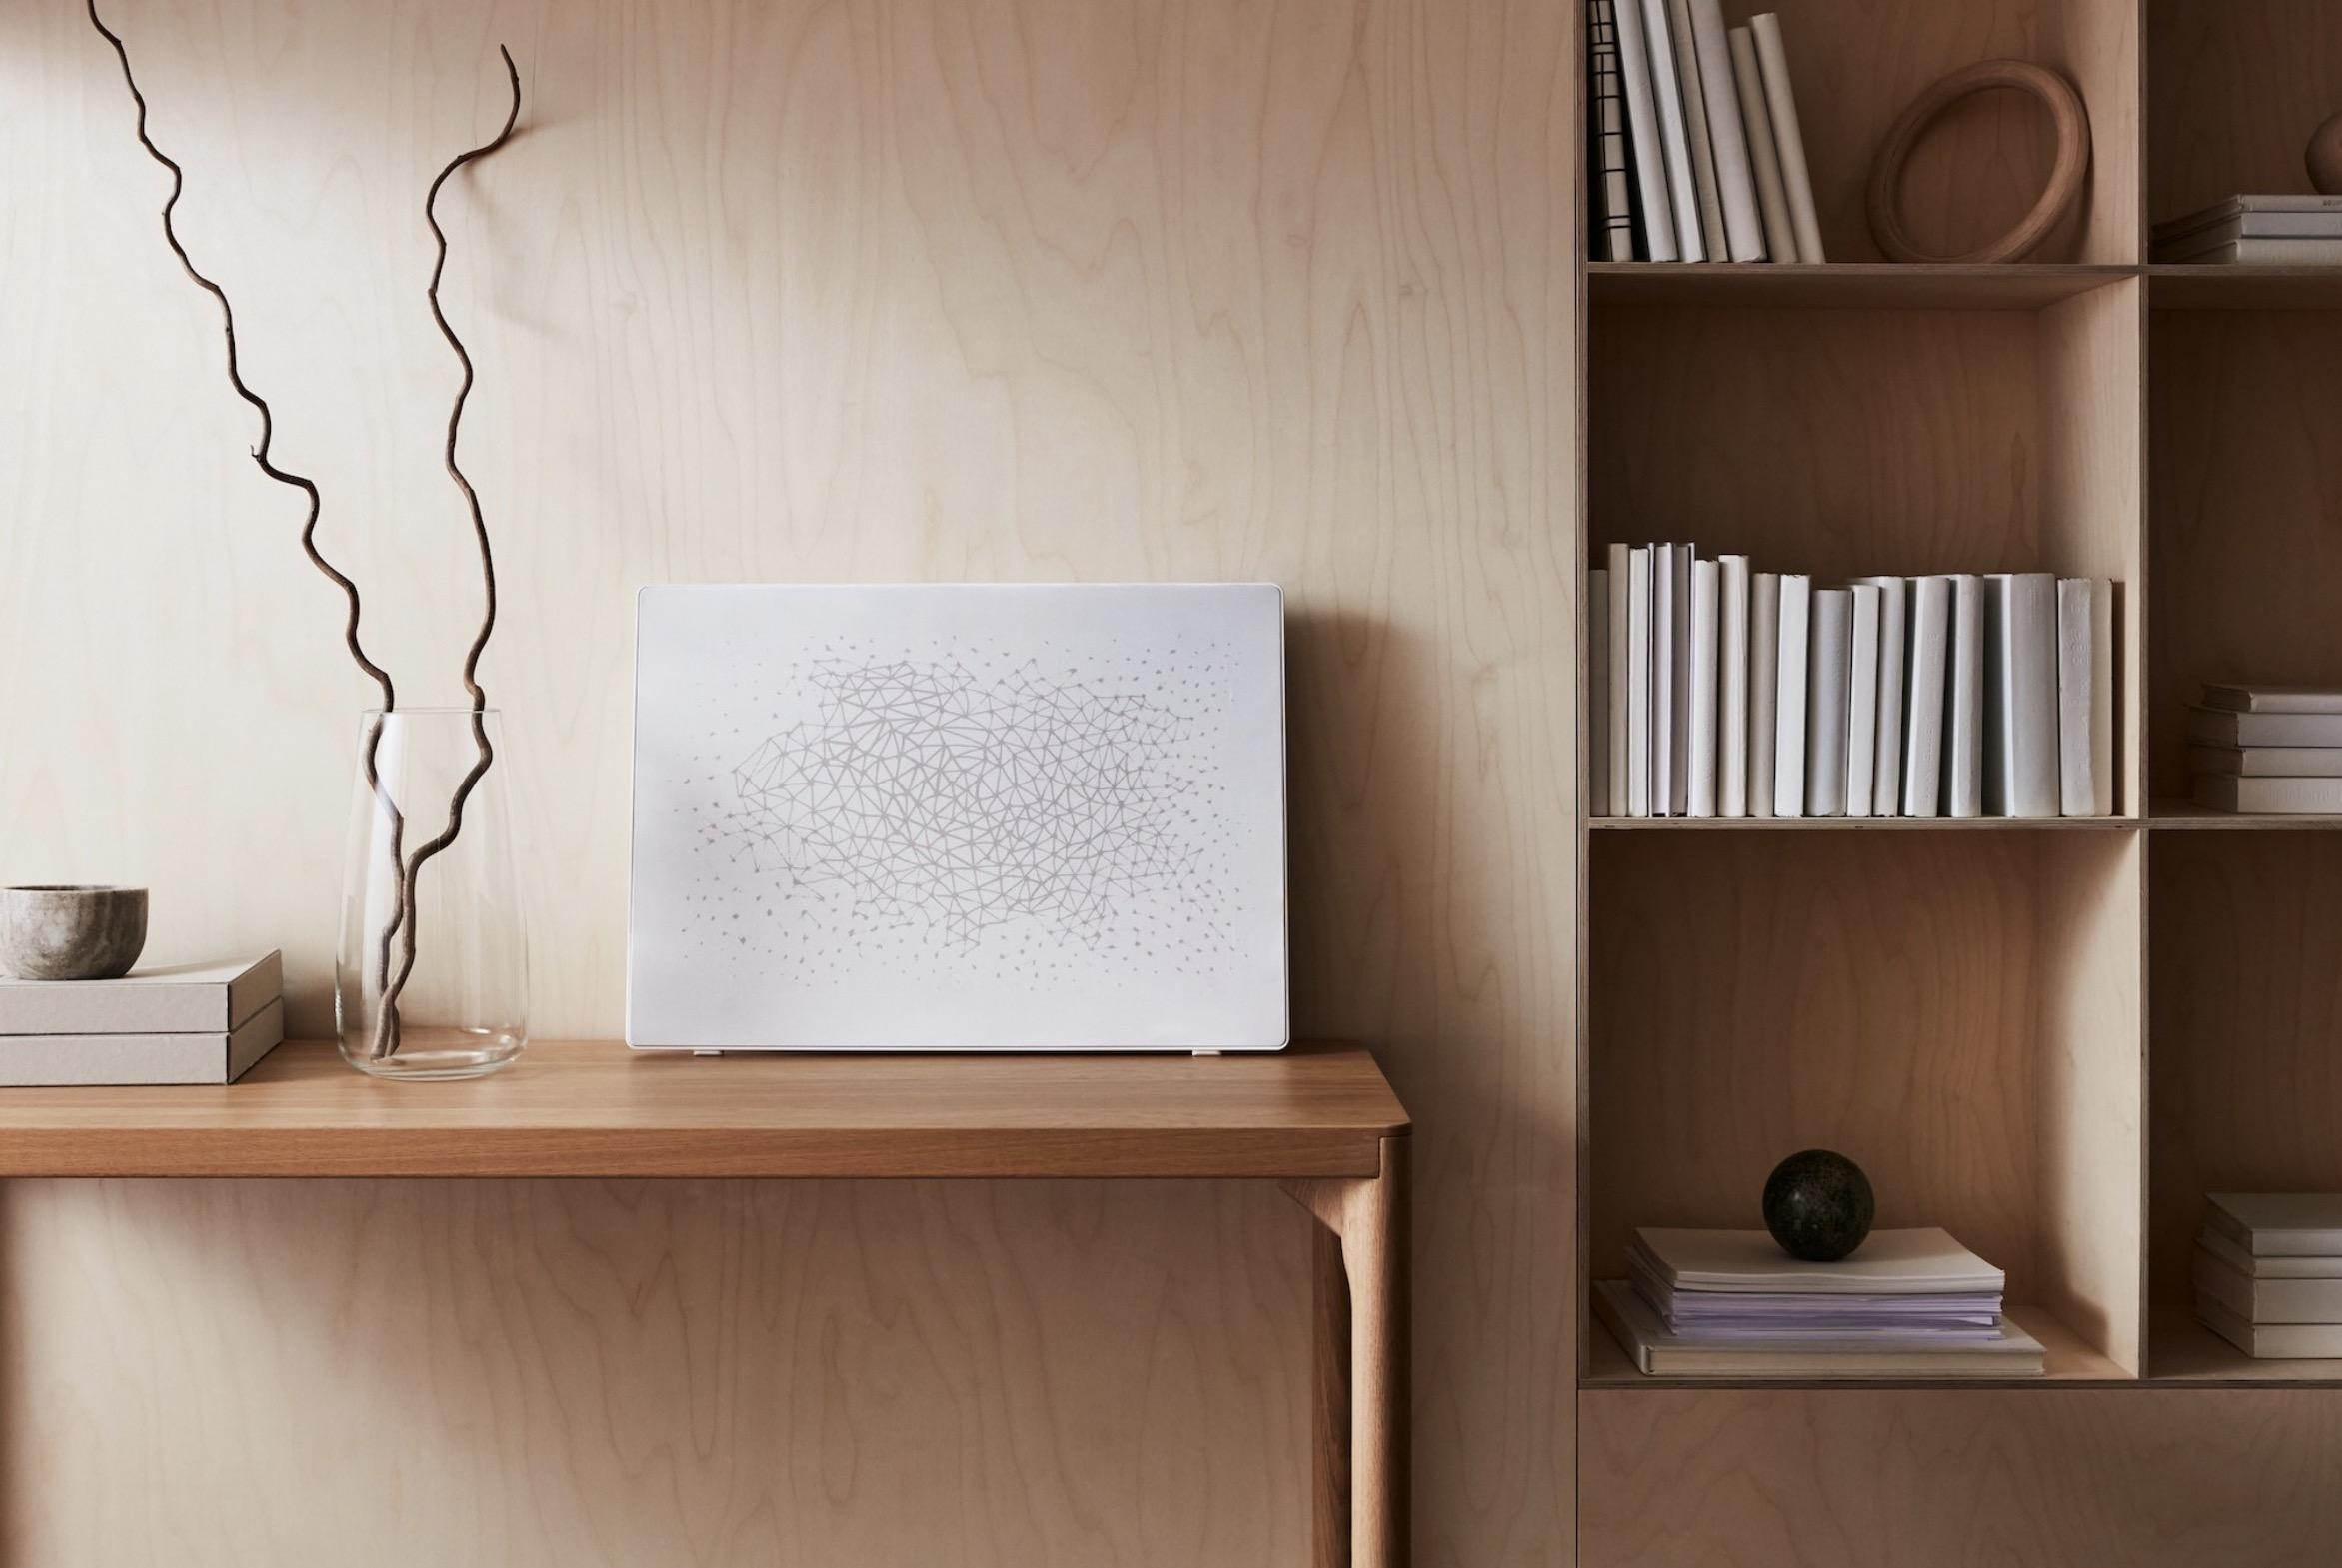 La cassa Wi-Fi SYMFONISK di IKEA e Sonos incornicia il suono dell'arte